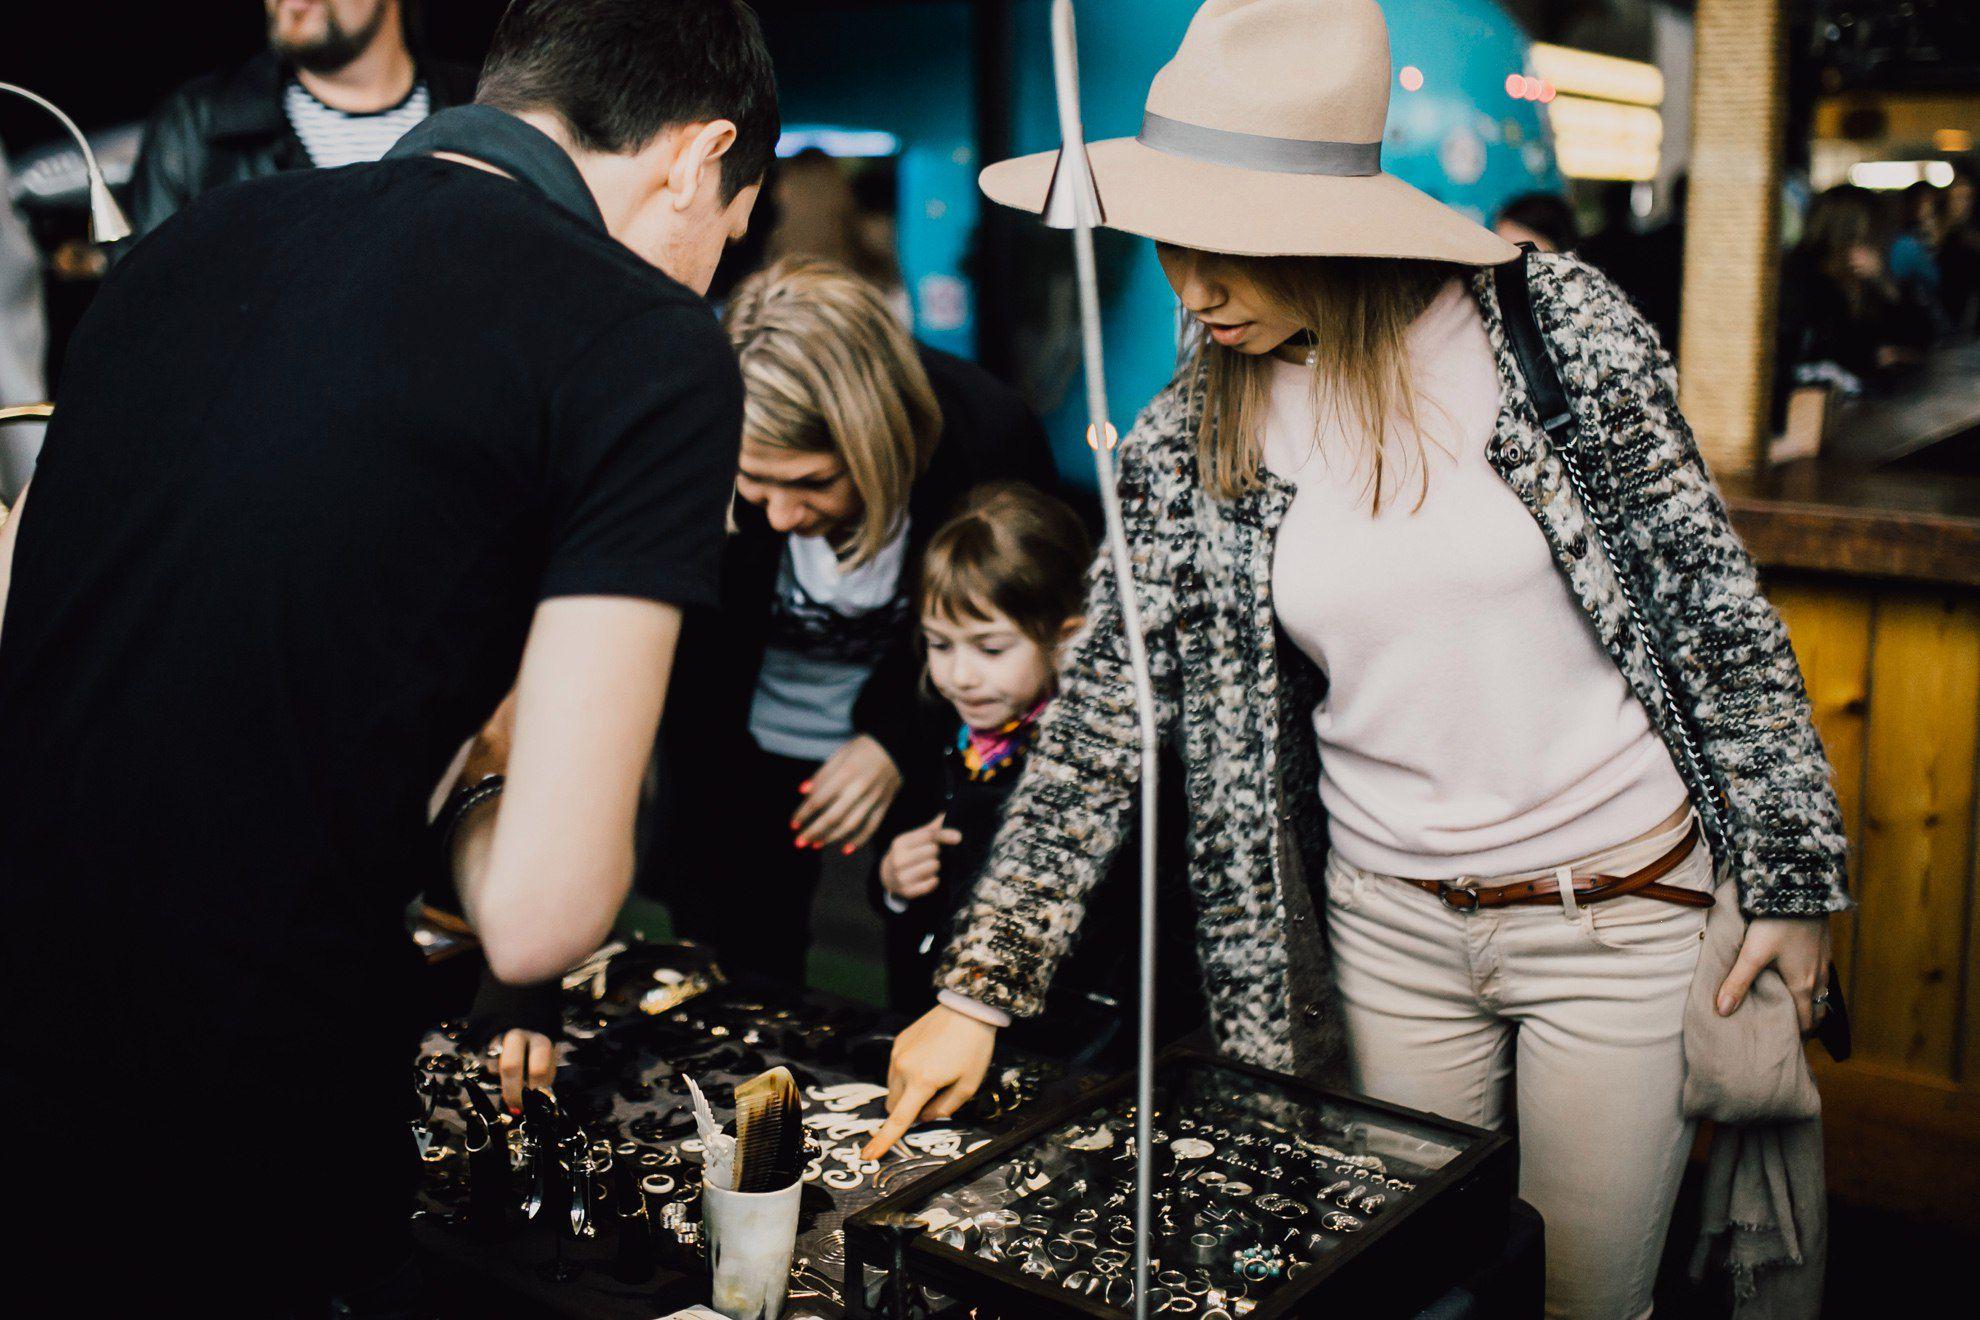 Фестиваль альтернативной моды и дизайна Concept Market фото 1